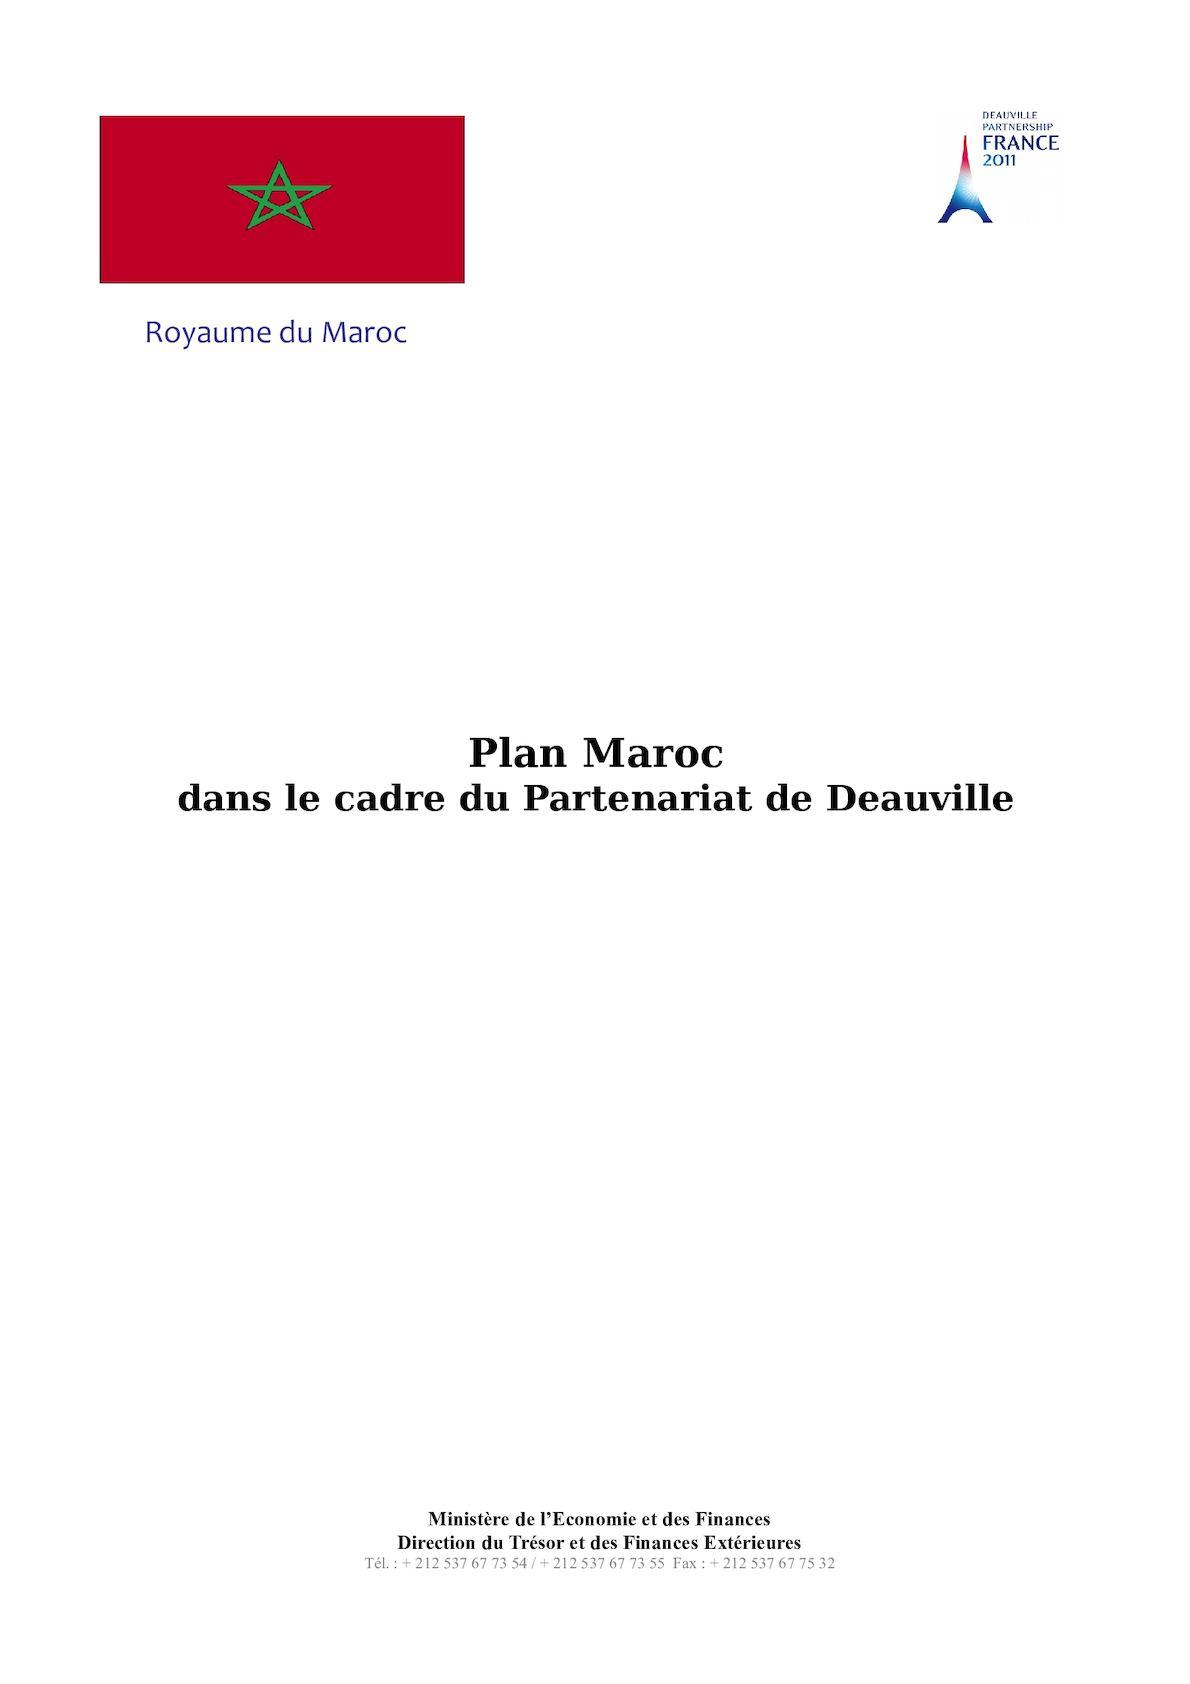 Plan Maroc Pour Deauville [1].